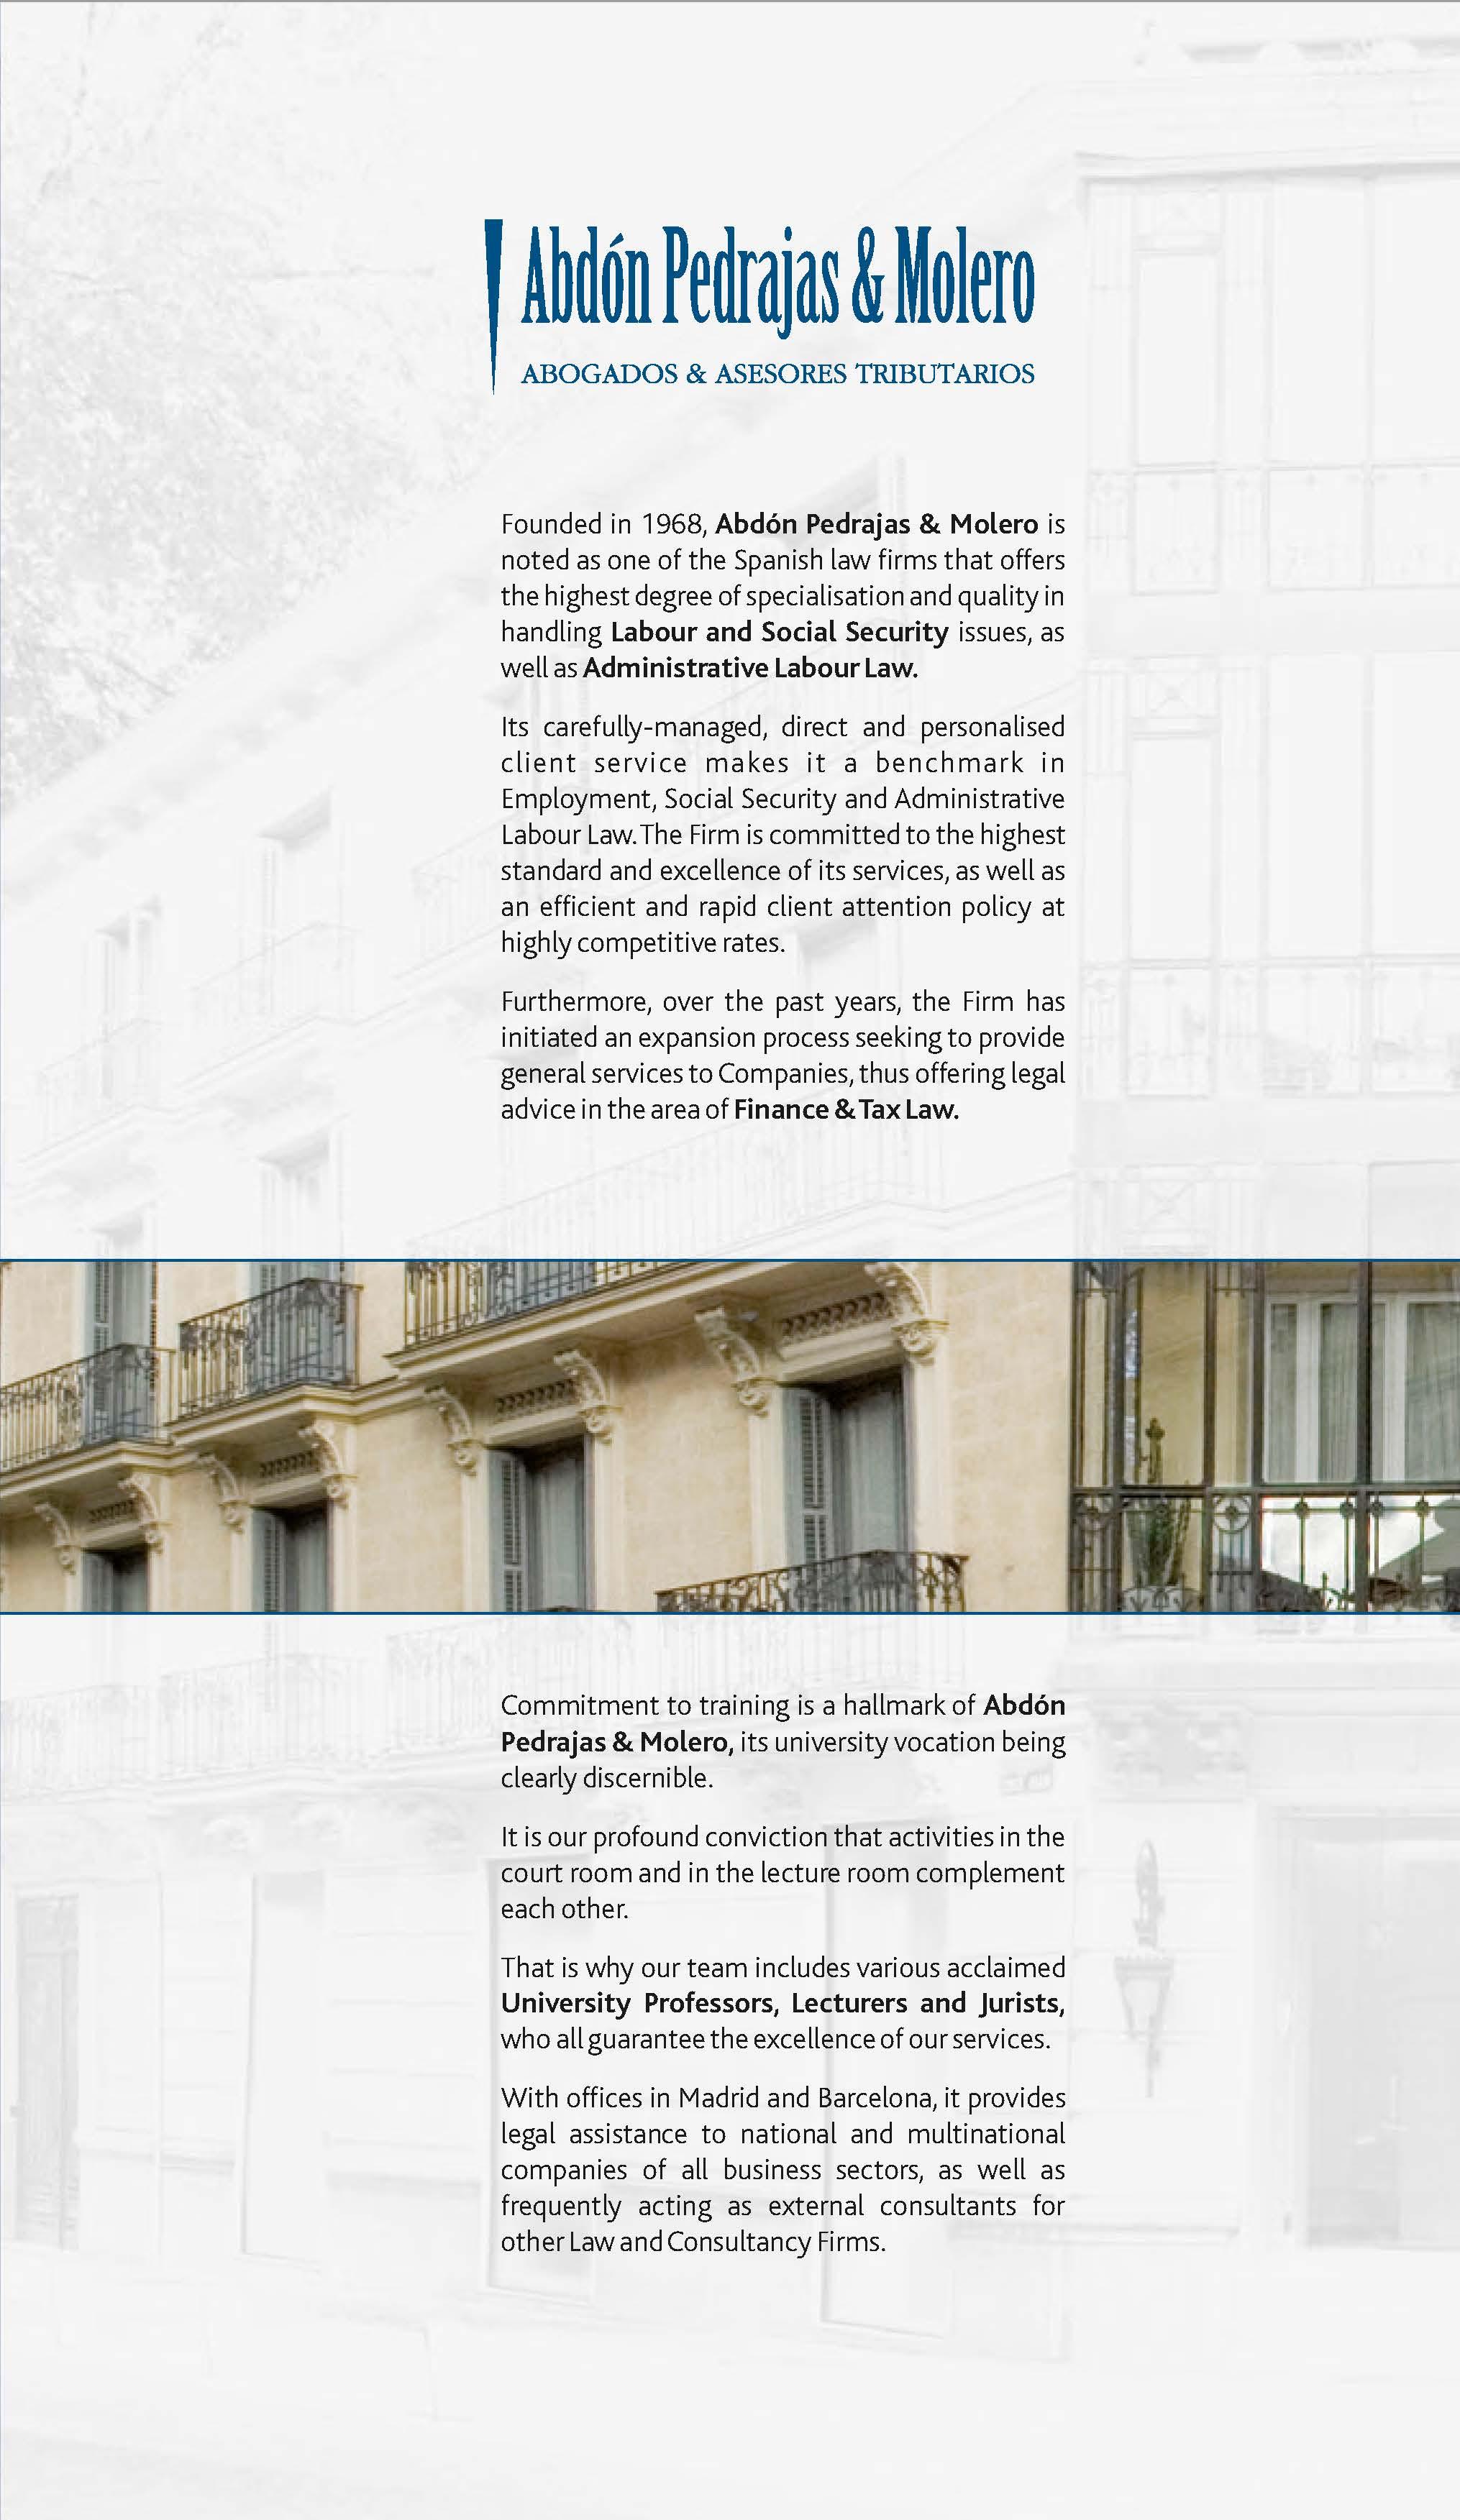 Folleto AP&M (2).jpg